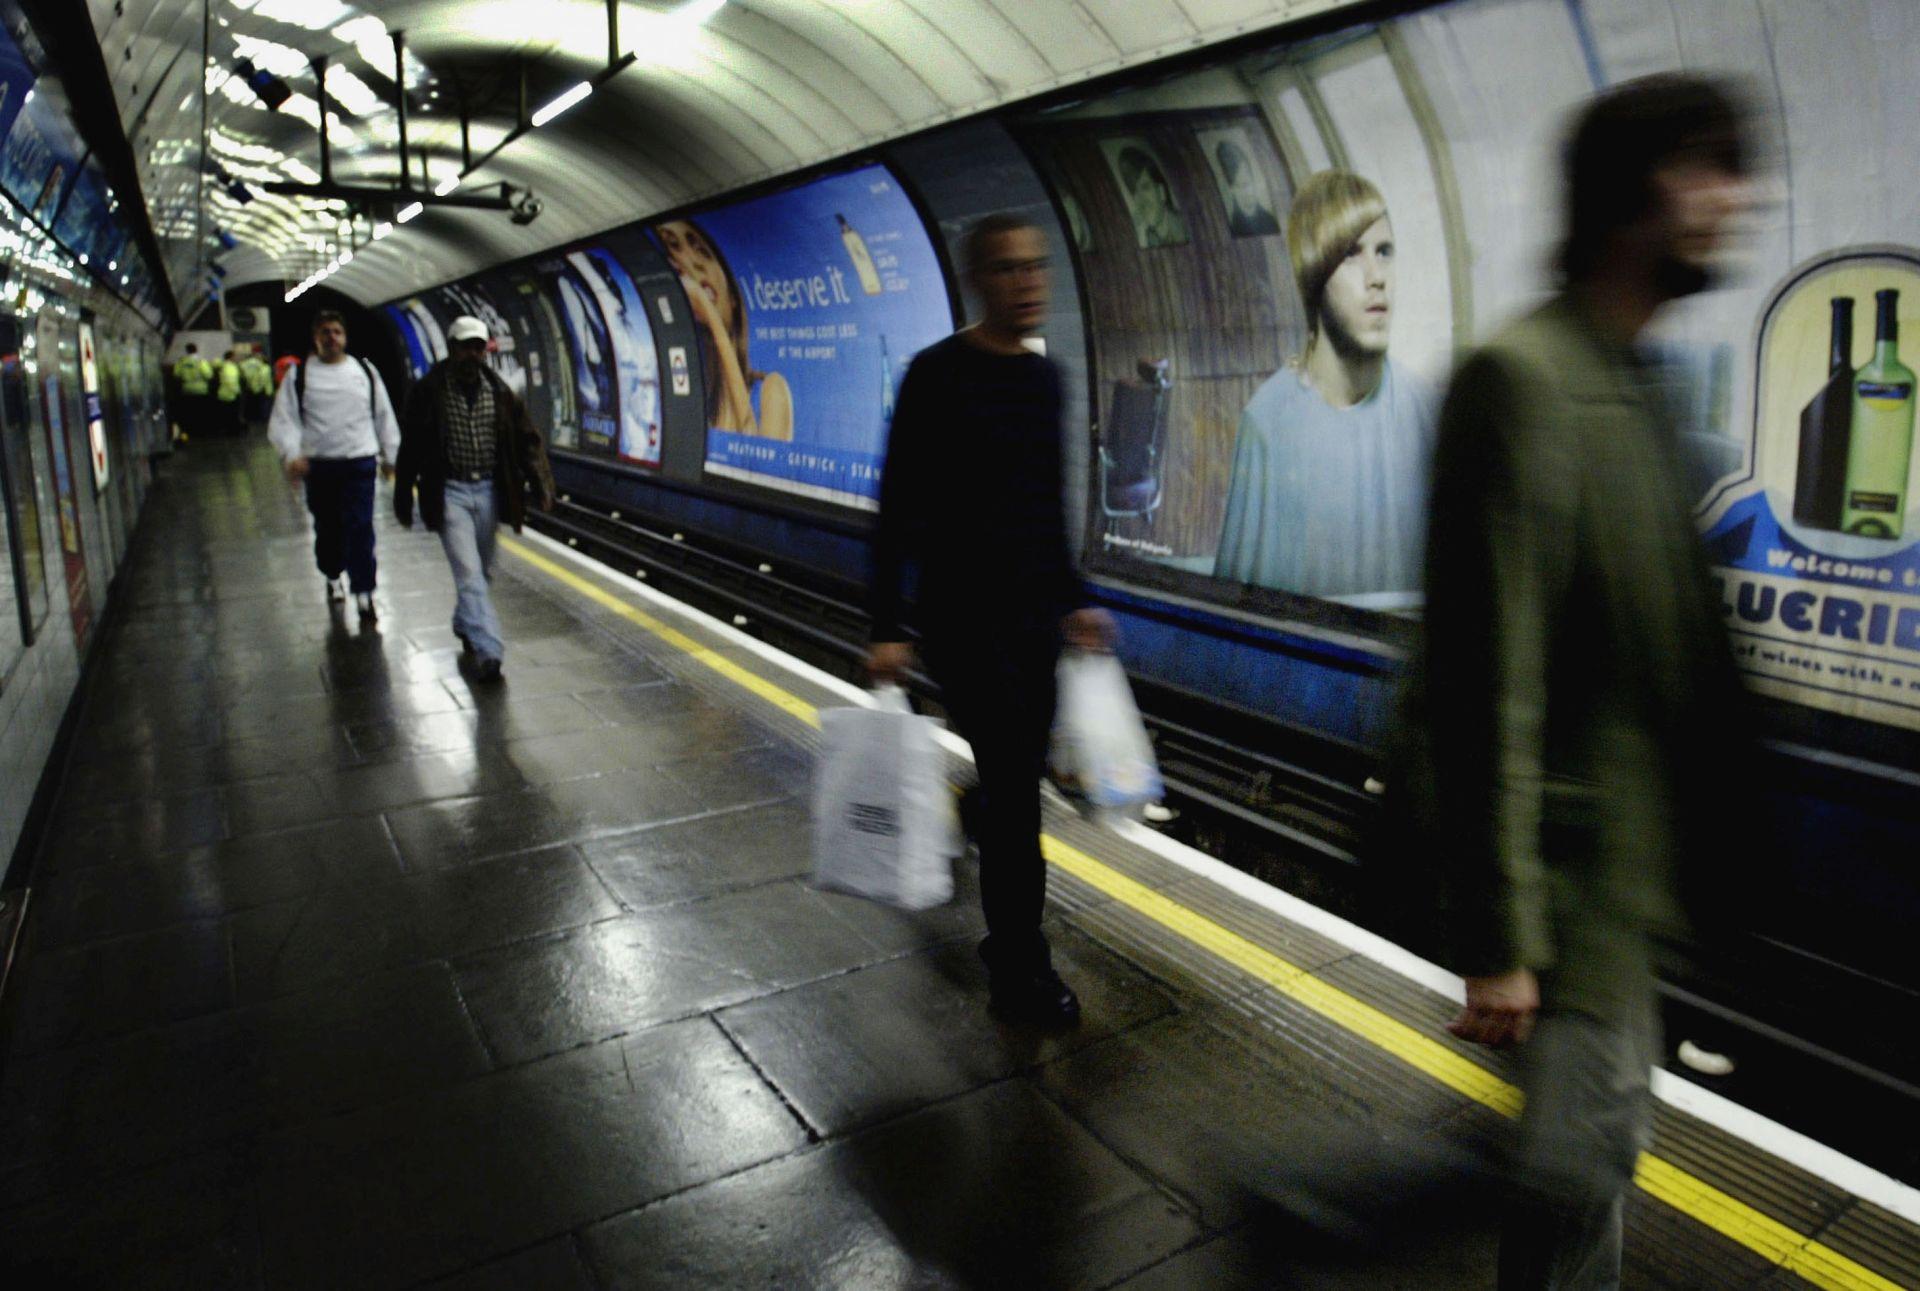 MILIJUNI STANOVNIKA NE MOGU NA POSAO London paraliziran zbog štrajka u podzemnoj željeznici